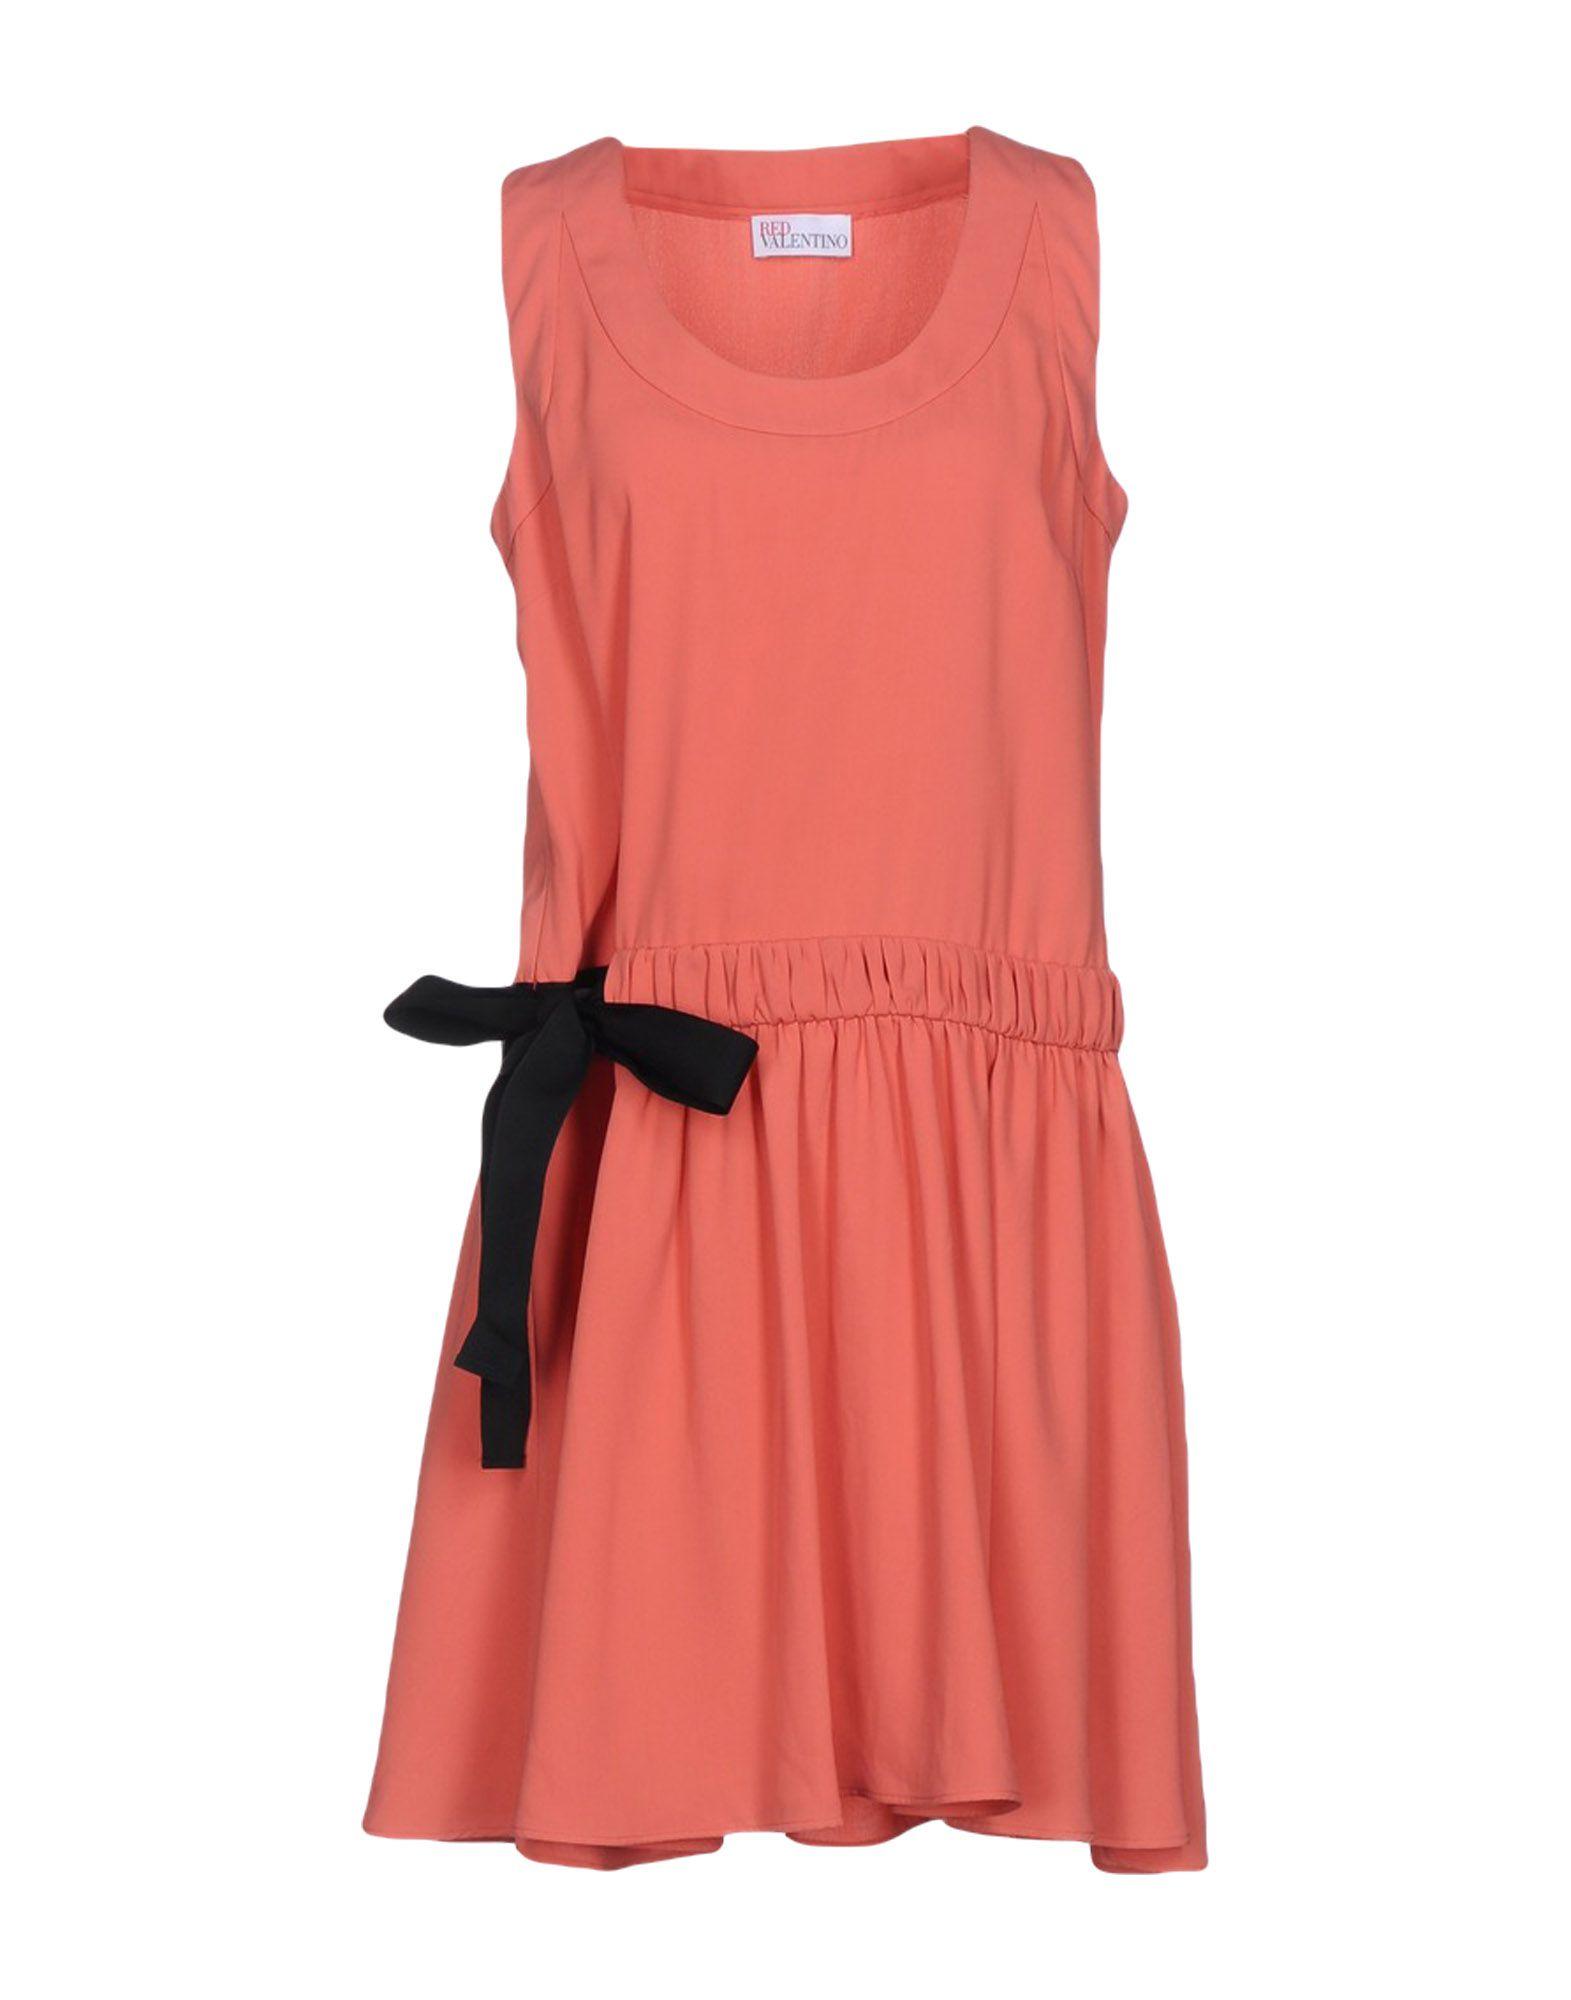 REDValentino Damen Kurzes Kleid Farbe Koralle Größe 6 - broschei